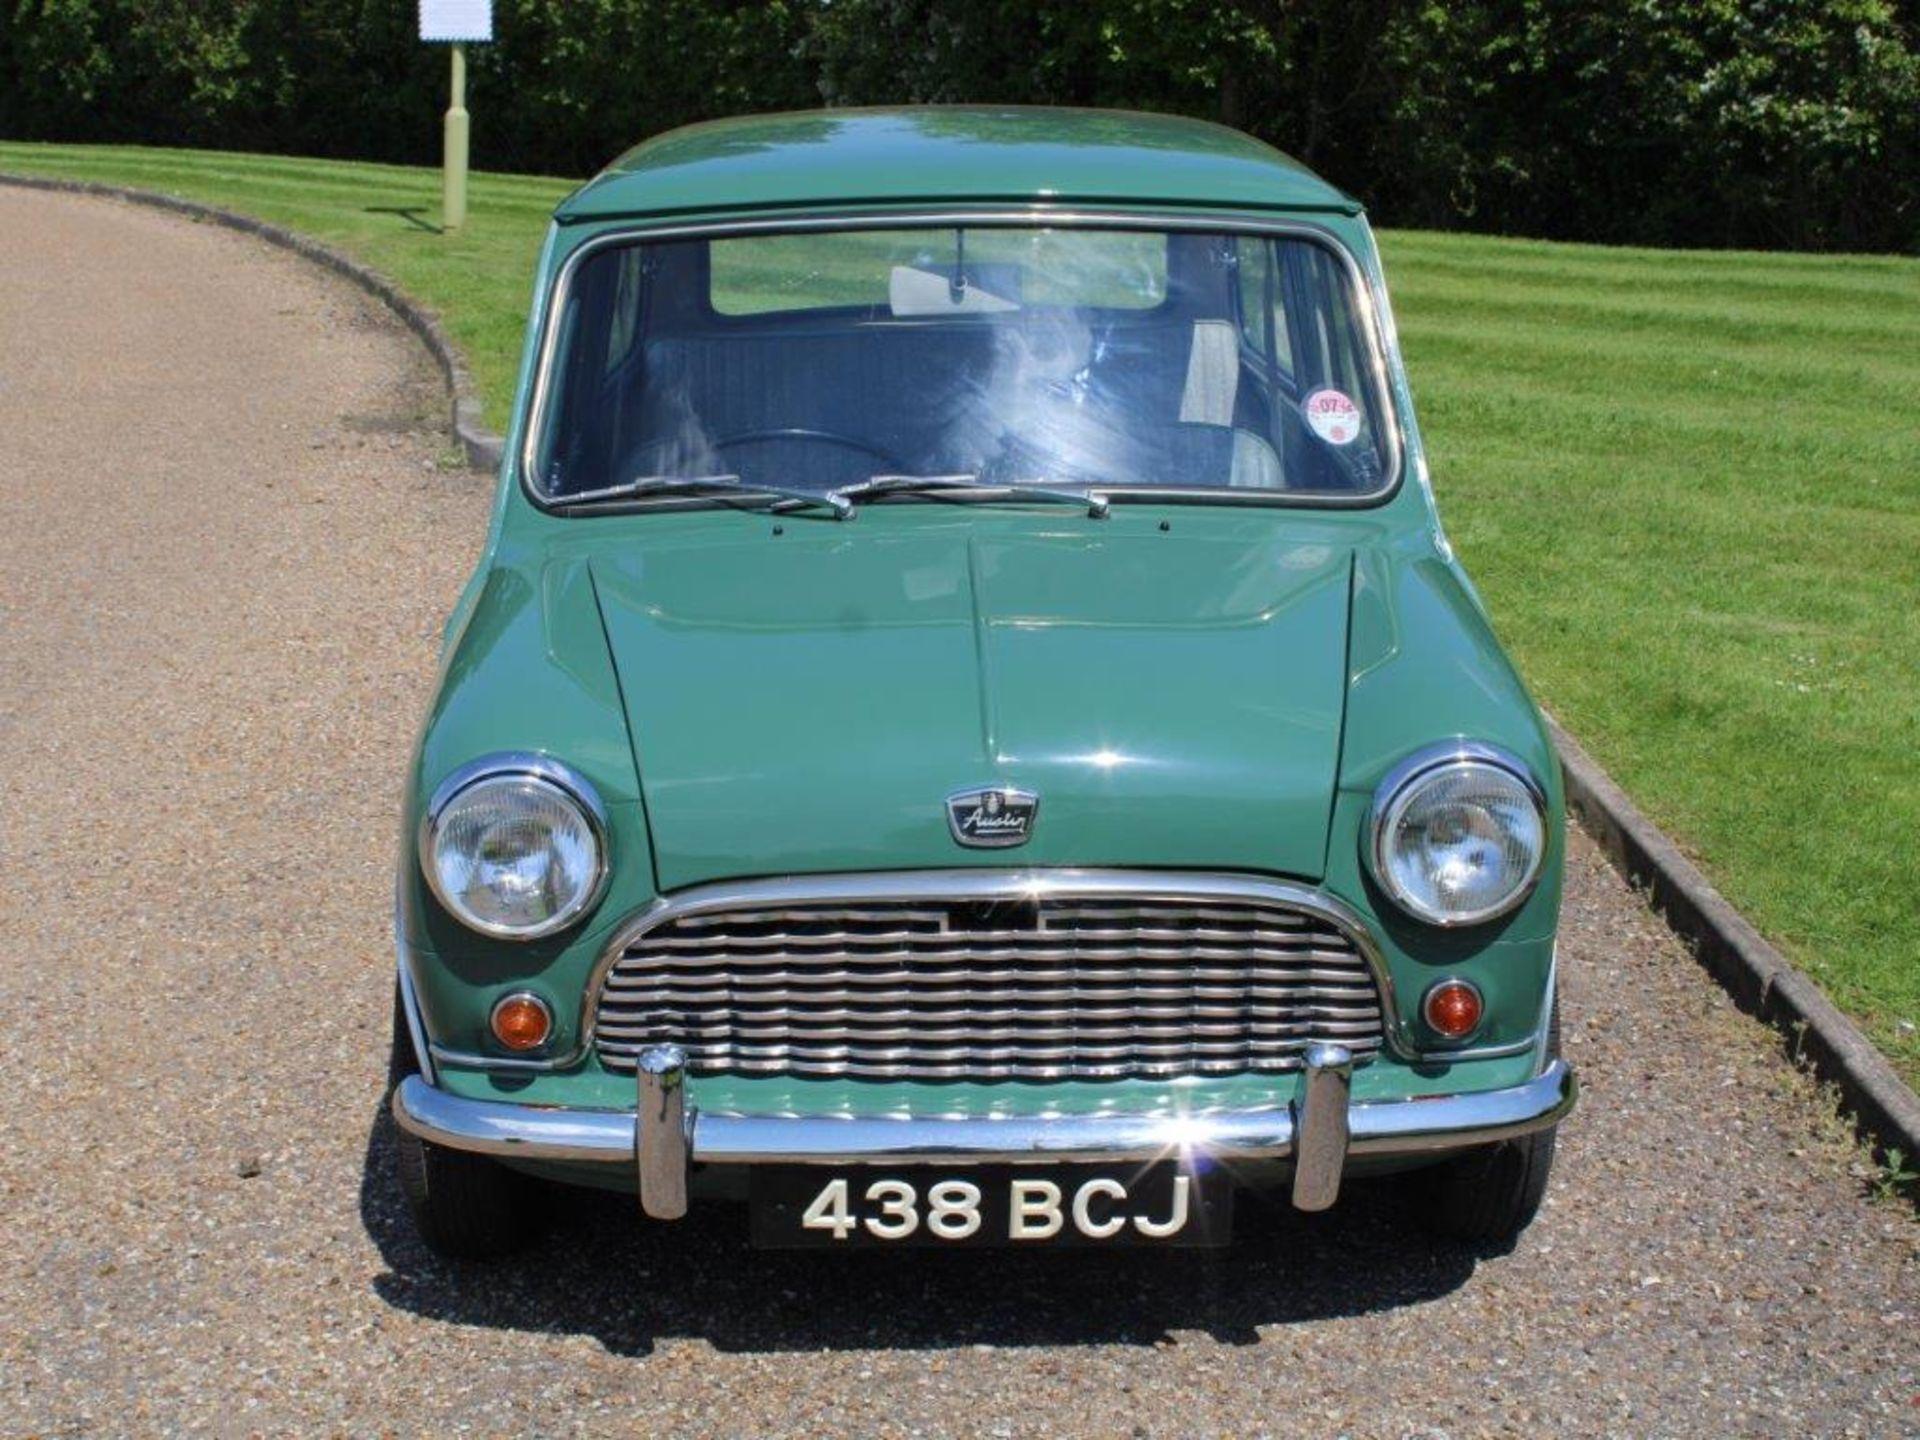 1962 Austin Mini 850 MK I - Image 6 of 28